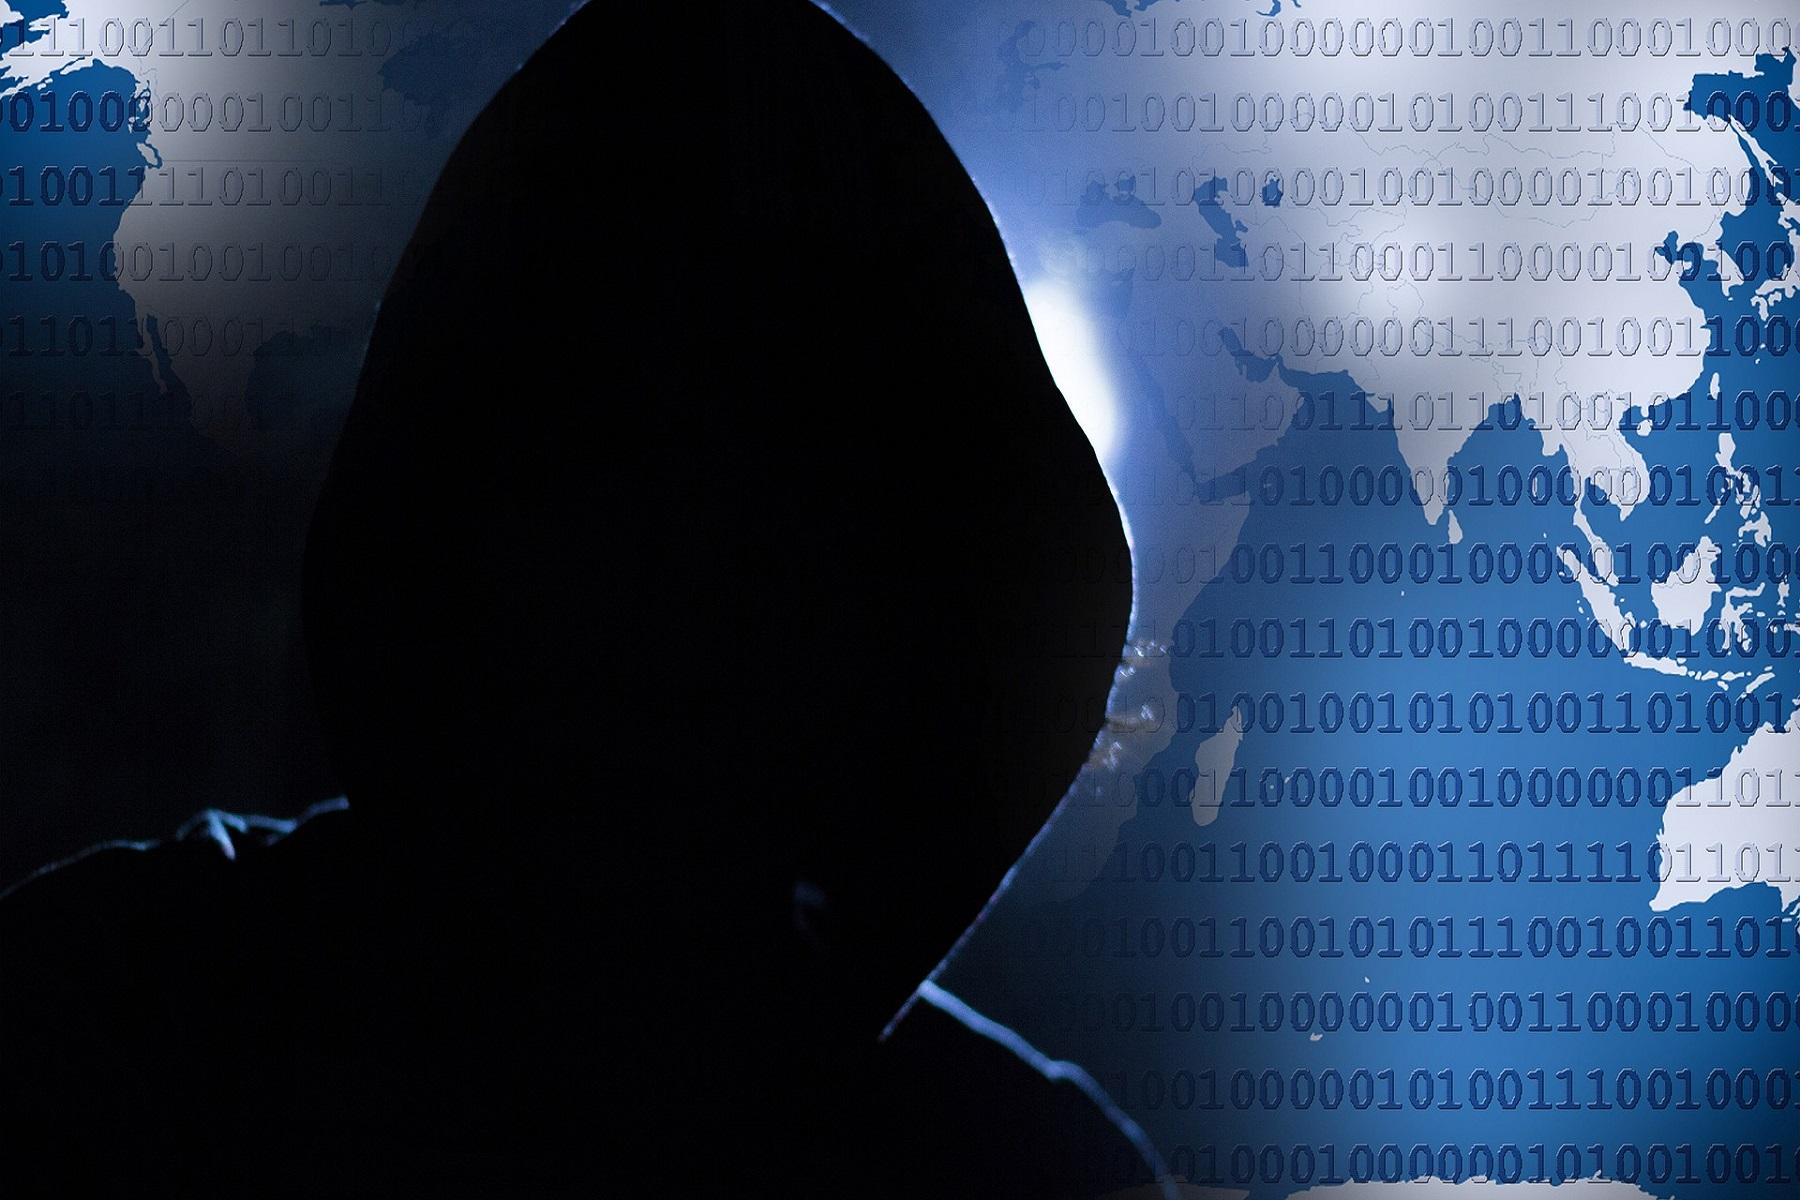 Διαδίκτυο Υγεία: Γιατί η υγειονομική περίθαλψη γίνεται στόχος από εγκληματίες στον κυβερνοχώρο;